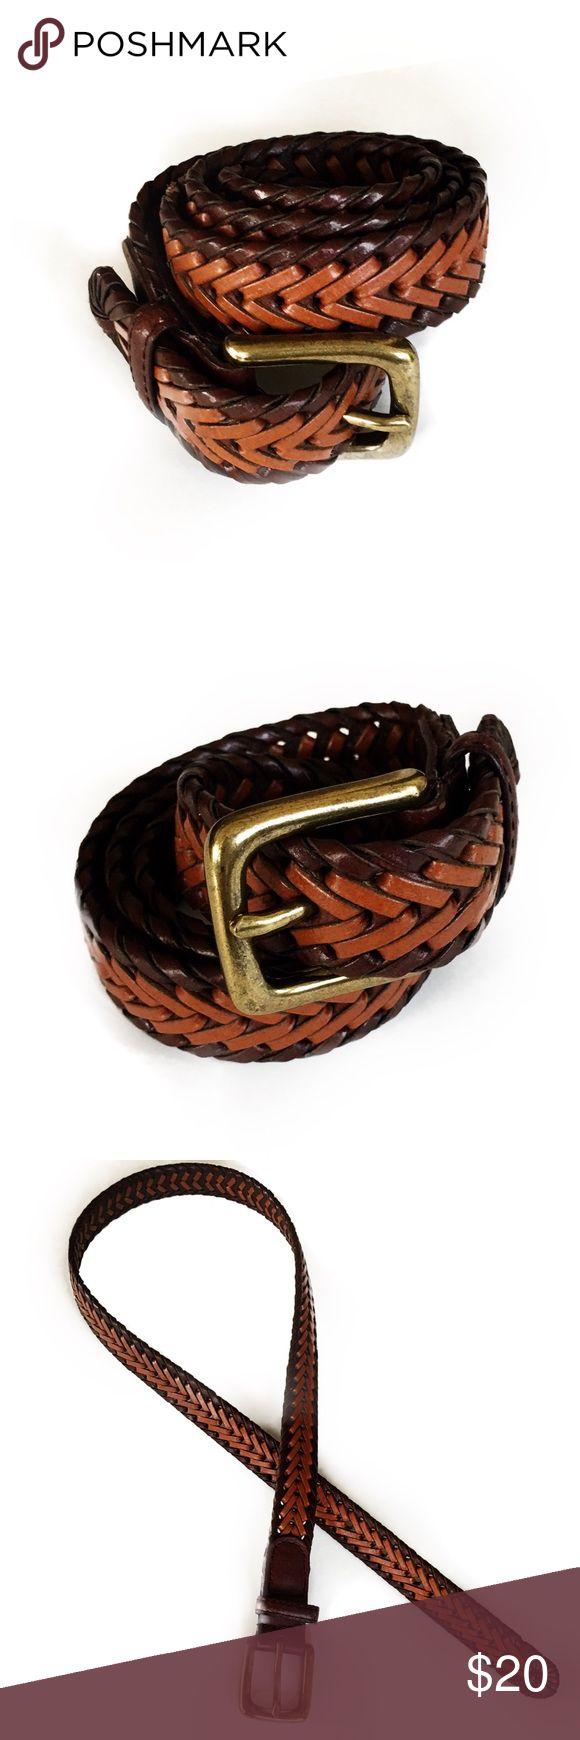 """Boy's Braided Brown Faux Leather Belt L 28-30"""" Boy's Braided Tan/Brown Faux Leather Belt L 28-30"""" - EUC Accessories Belts"""